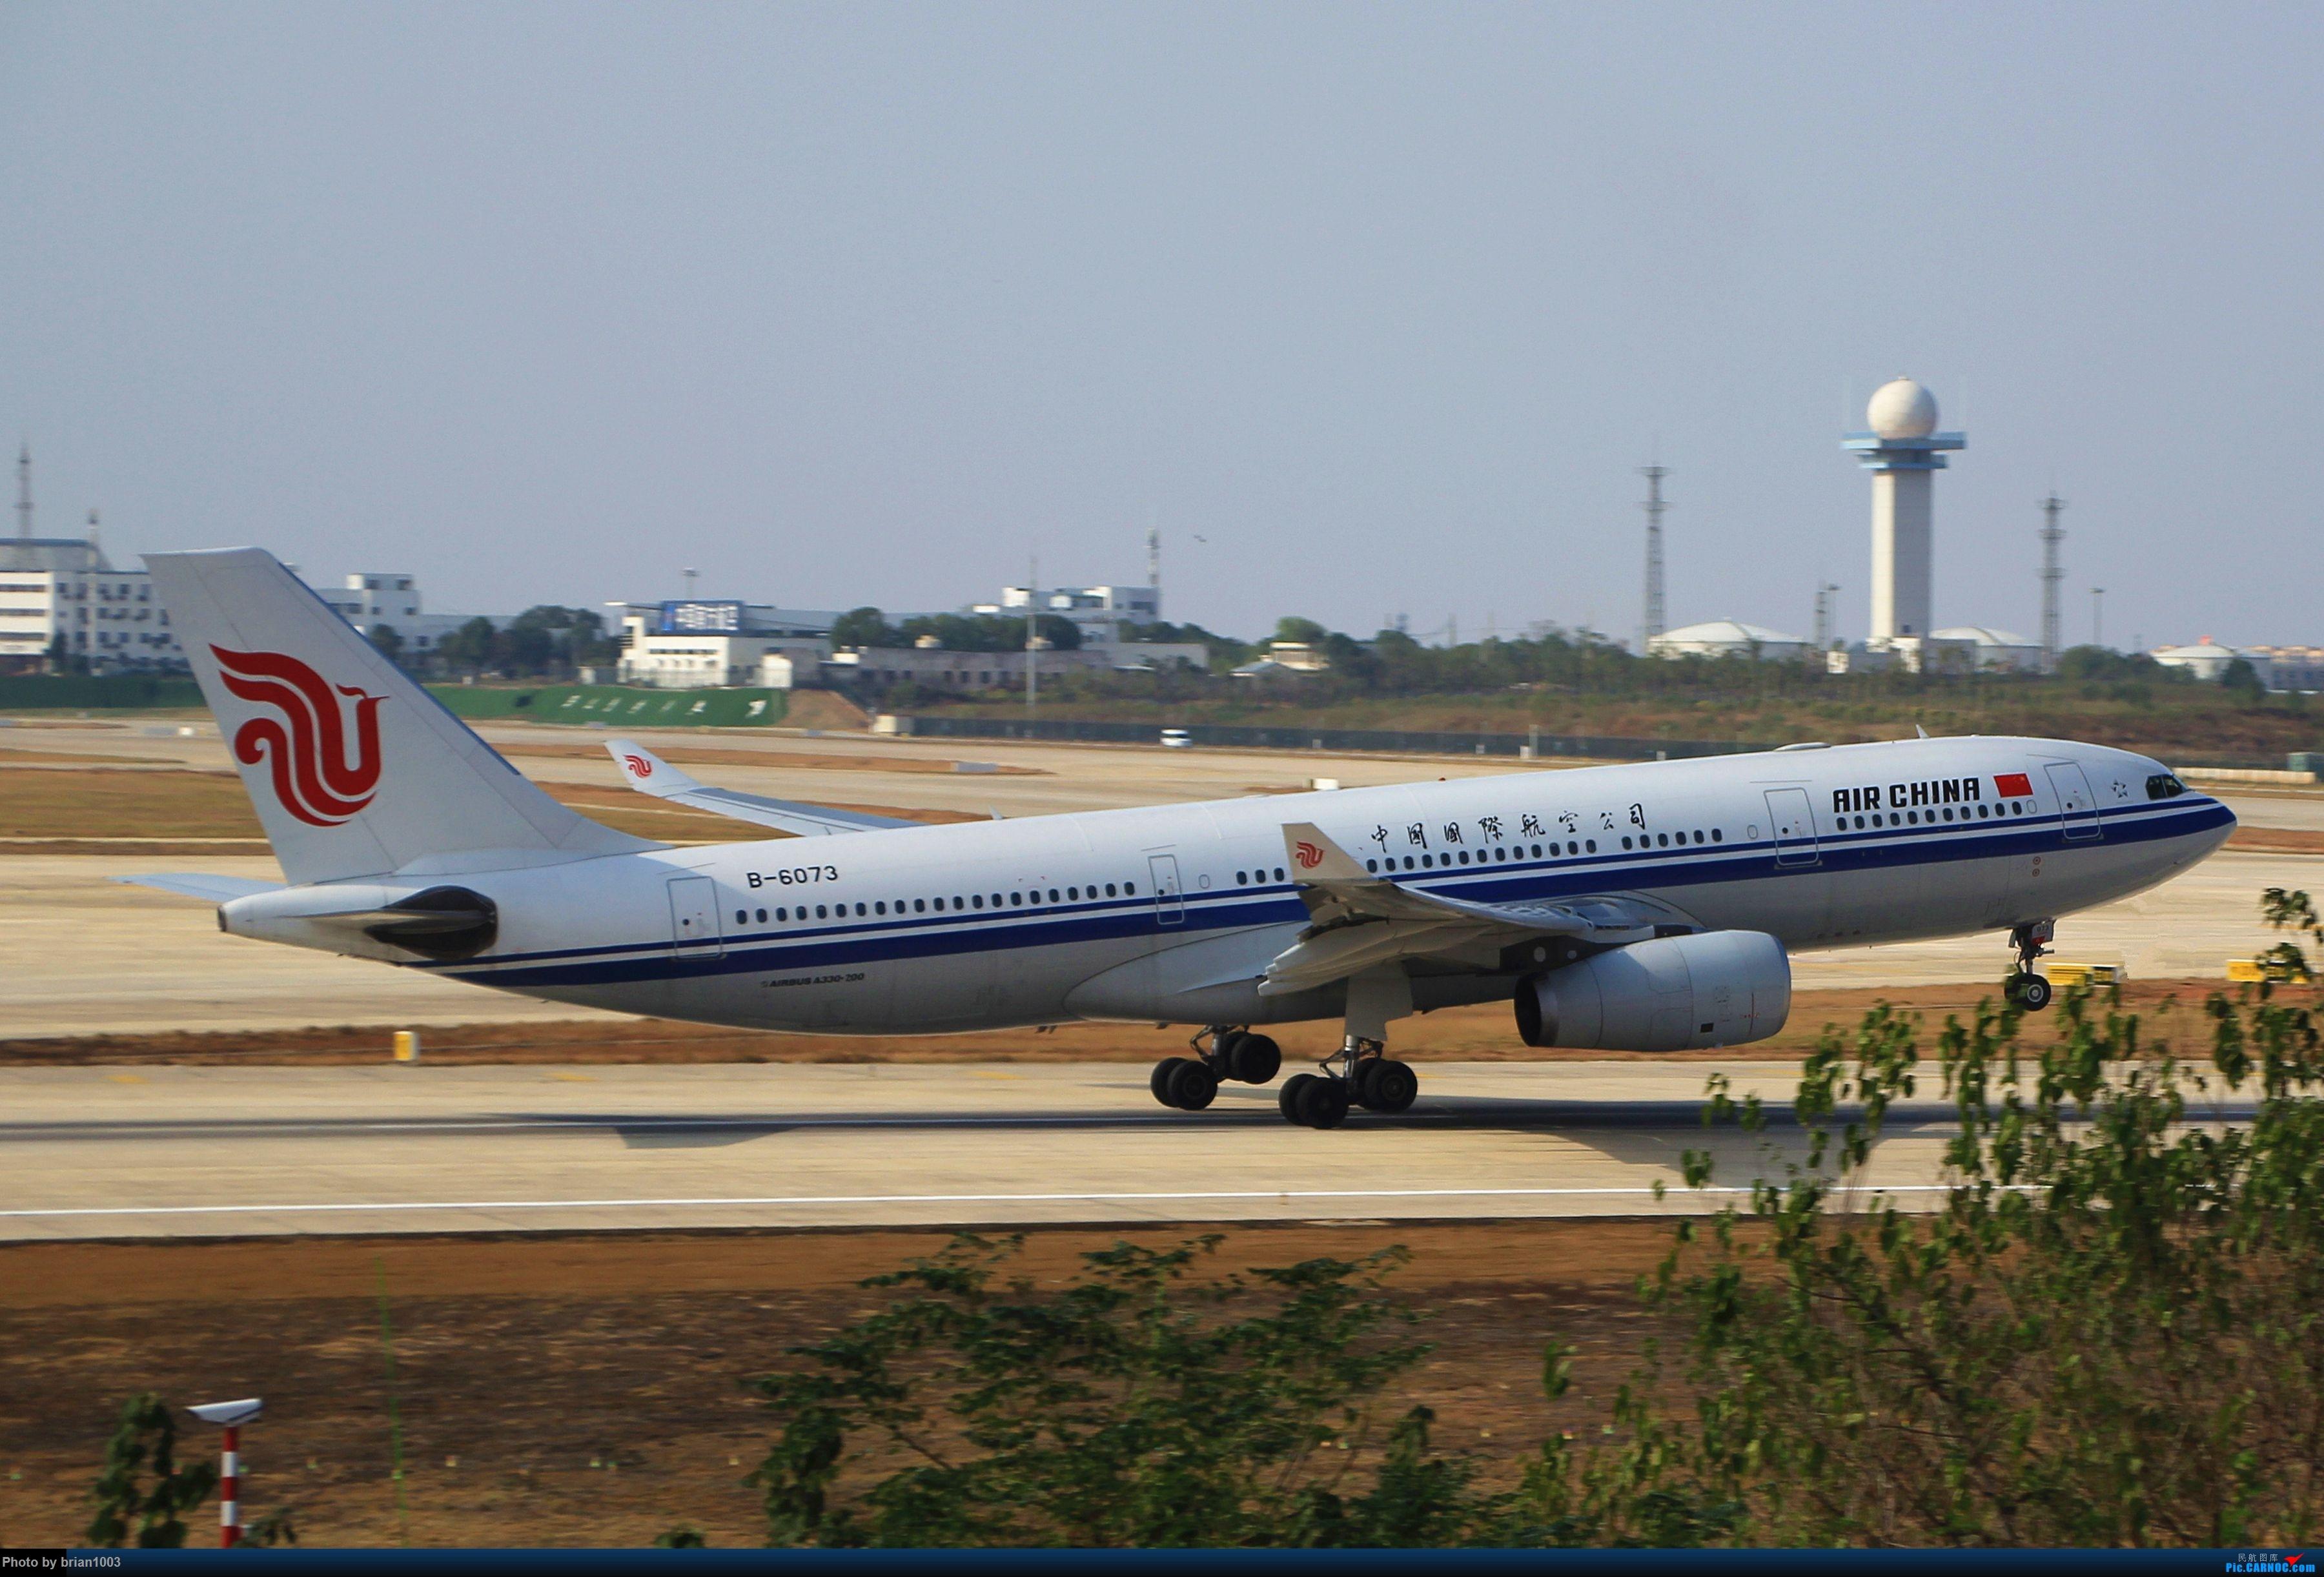 Re:[原创]WUH武汉天河机场拍机之精彩满满的十月(还可能更新) AIRBUS A330-200 B-6073 中国武汉天河国际机场